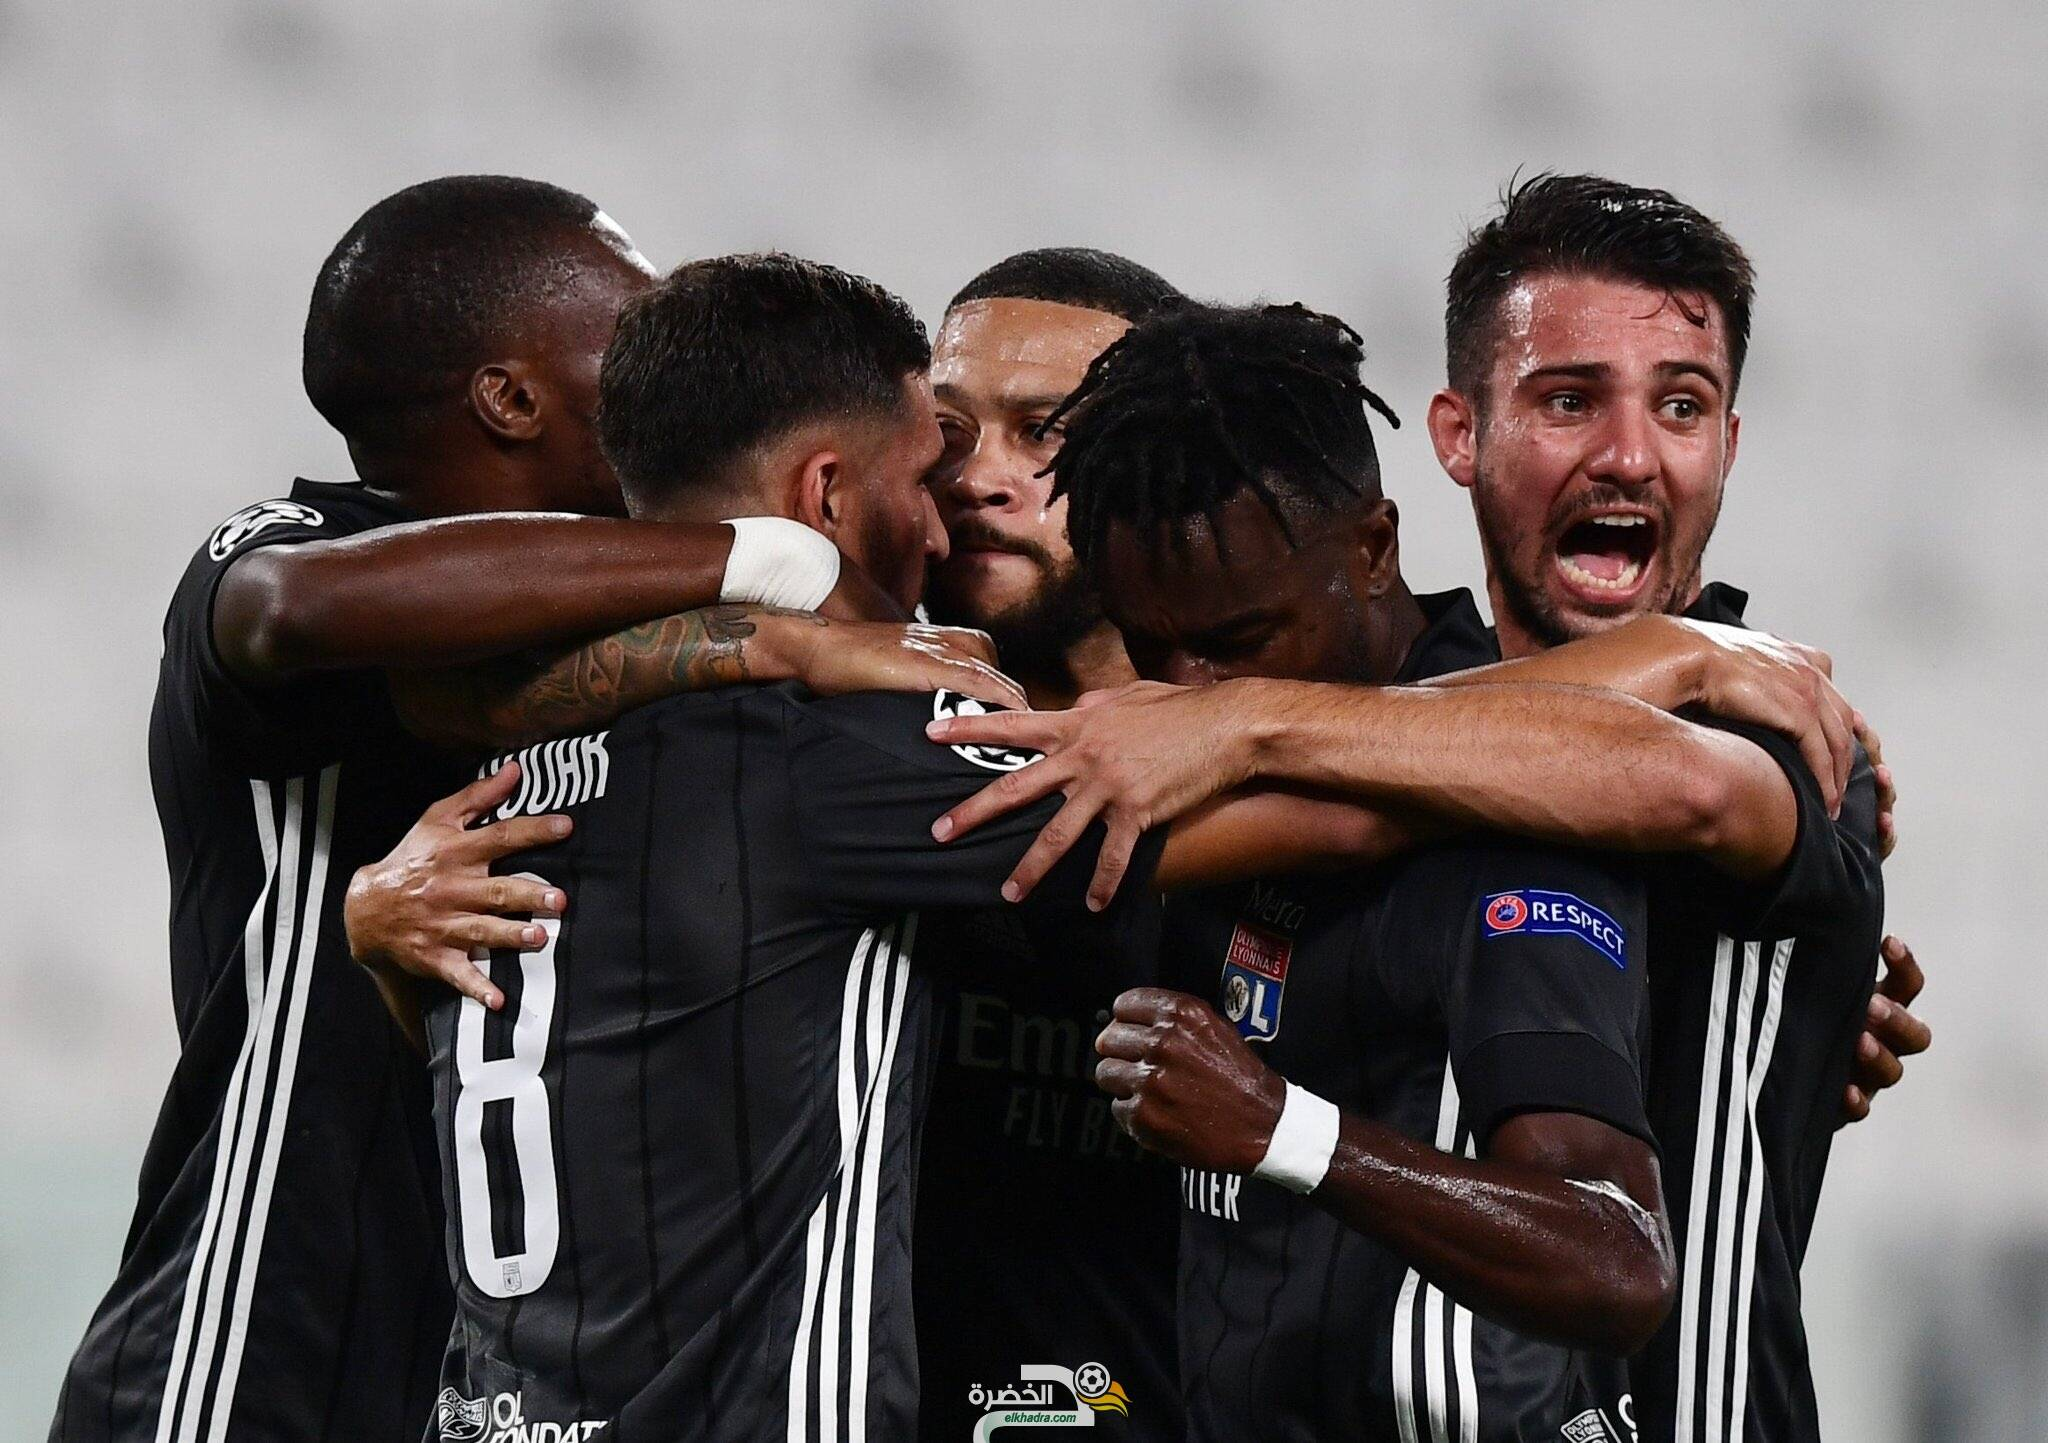 ليون يقصي يوفينتوس ويتأهل لربع نهائي دوري أبطال أوروبا 26